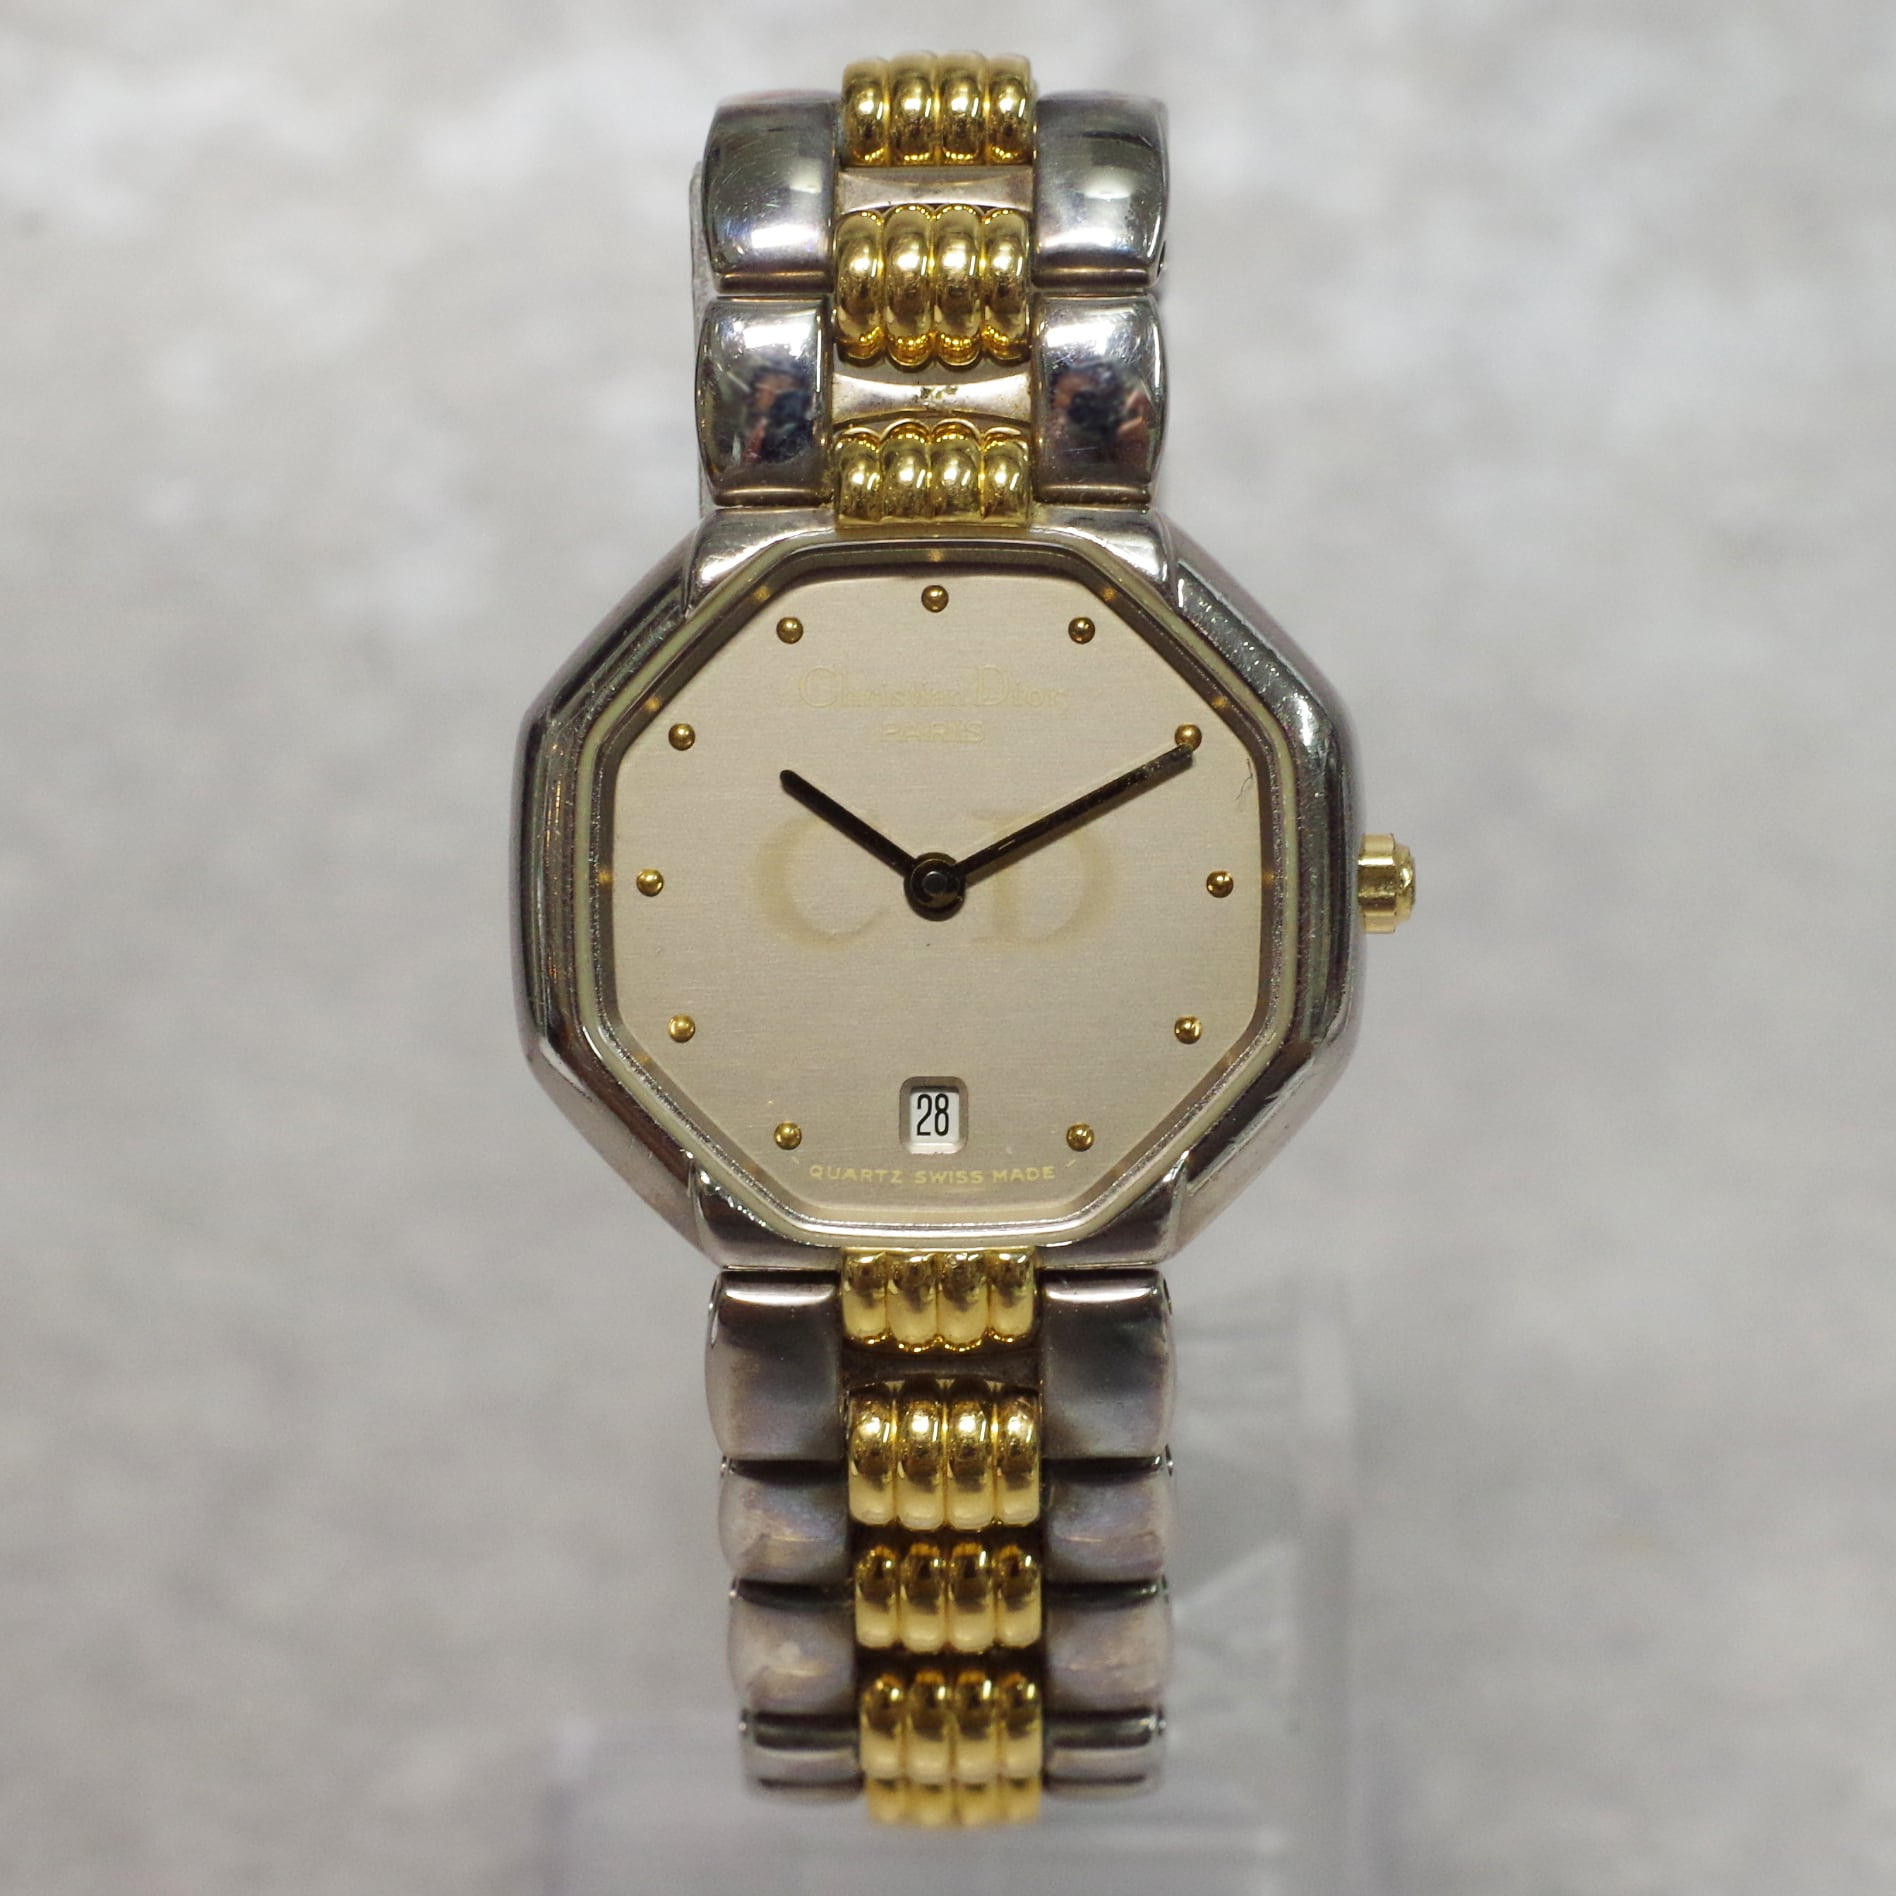 Christian Dior ディオール 48.203 オクタゴン コンビ SS クォーツ 腕時計 レディース